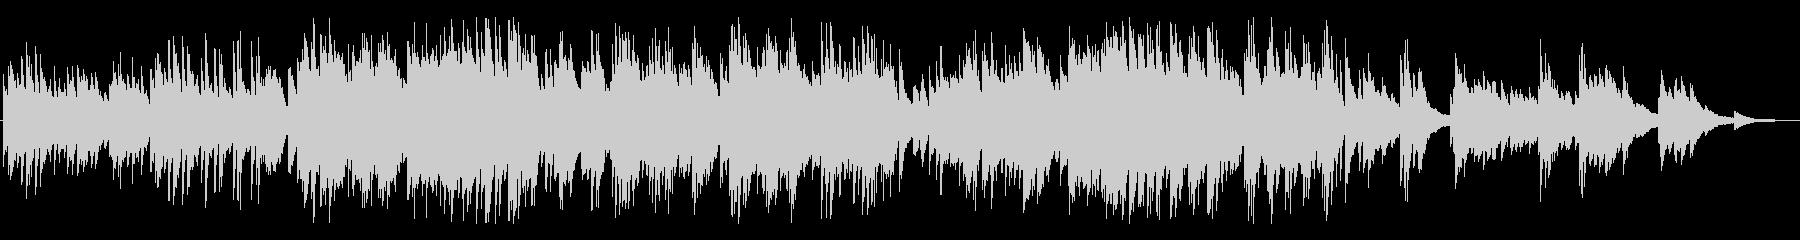 爽やかで、ノスタルジックなピアノBGMの未再生の波形